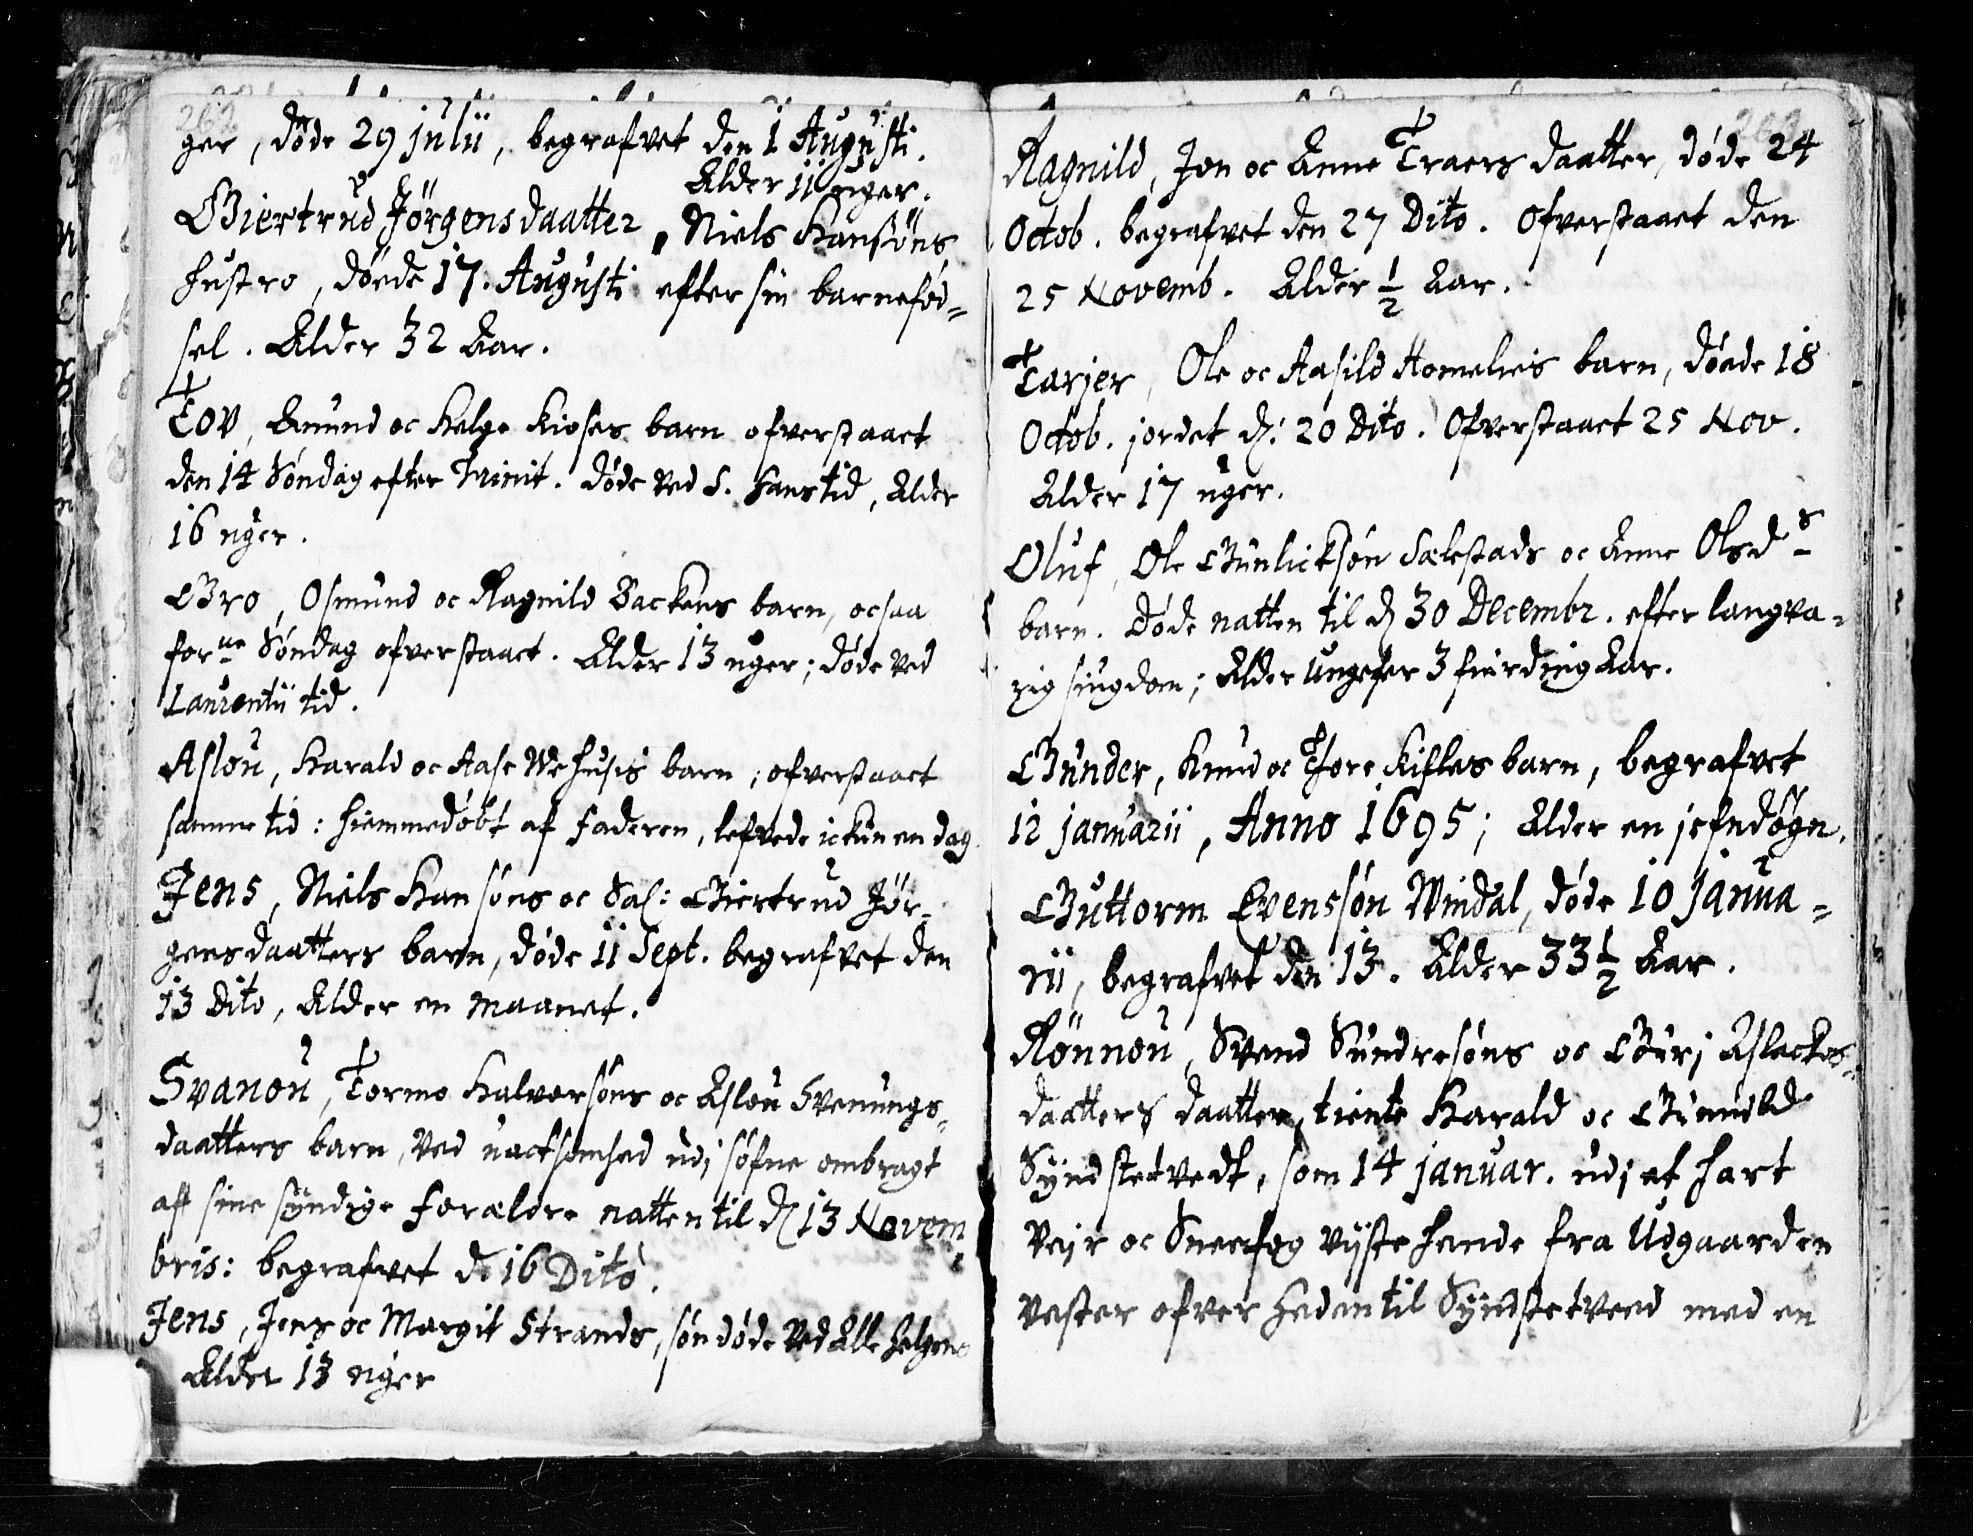 SAKO, Seljord kirkebøker, F/Fa/L0002: Ministerialbok nr. I 2, 1689-1713, s. 262-263